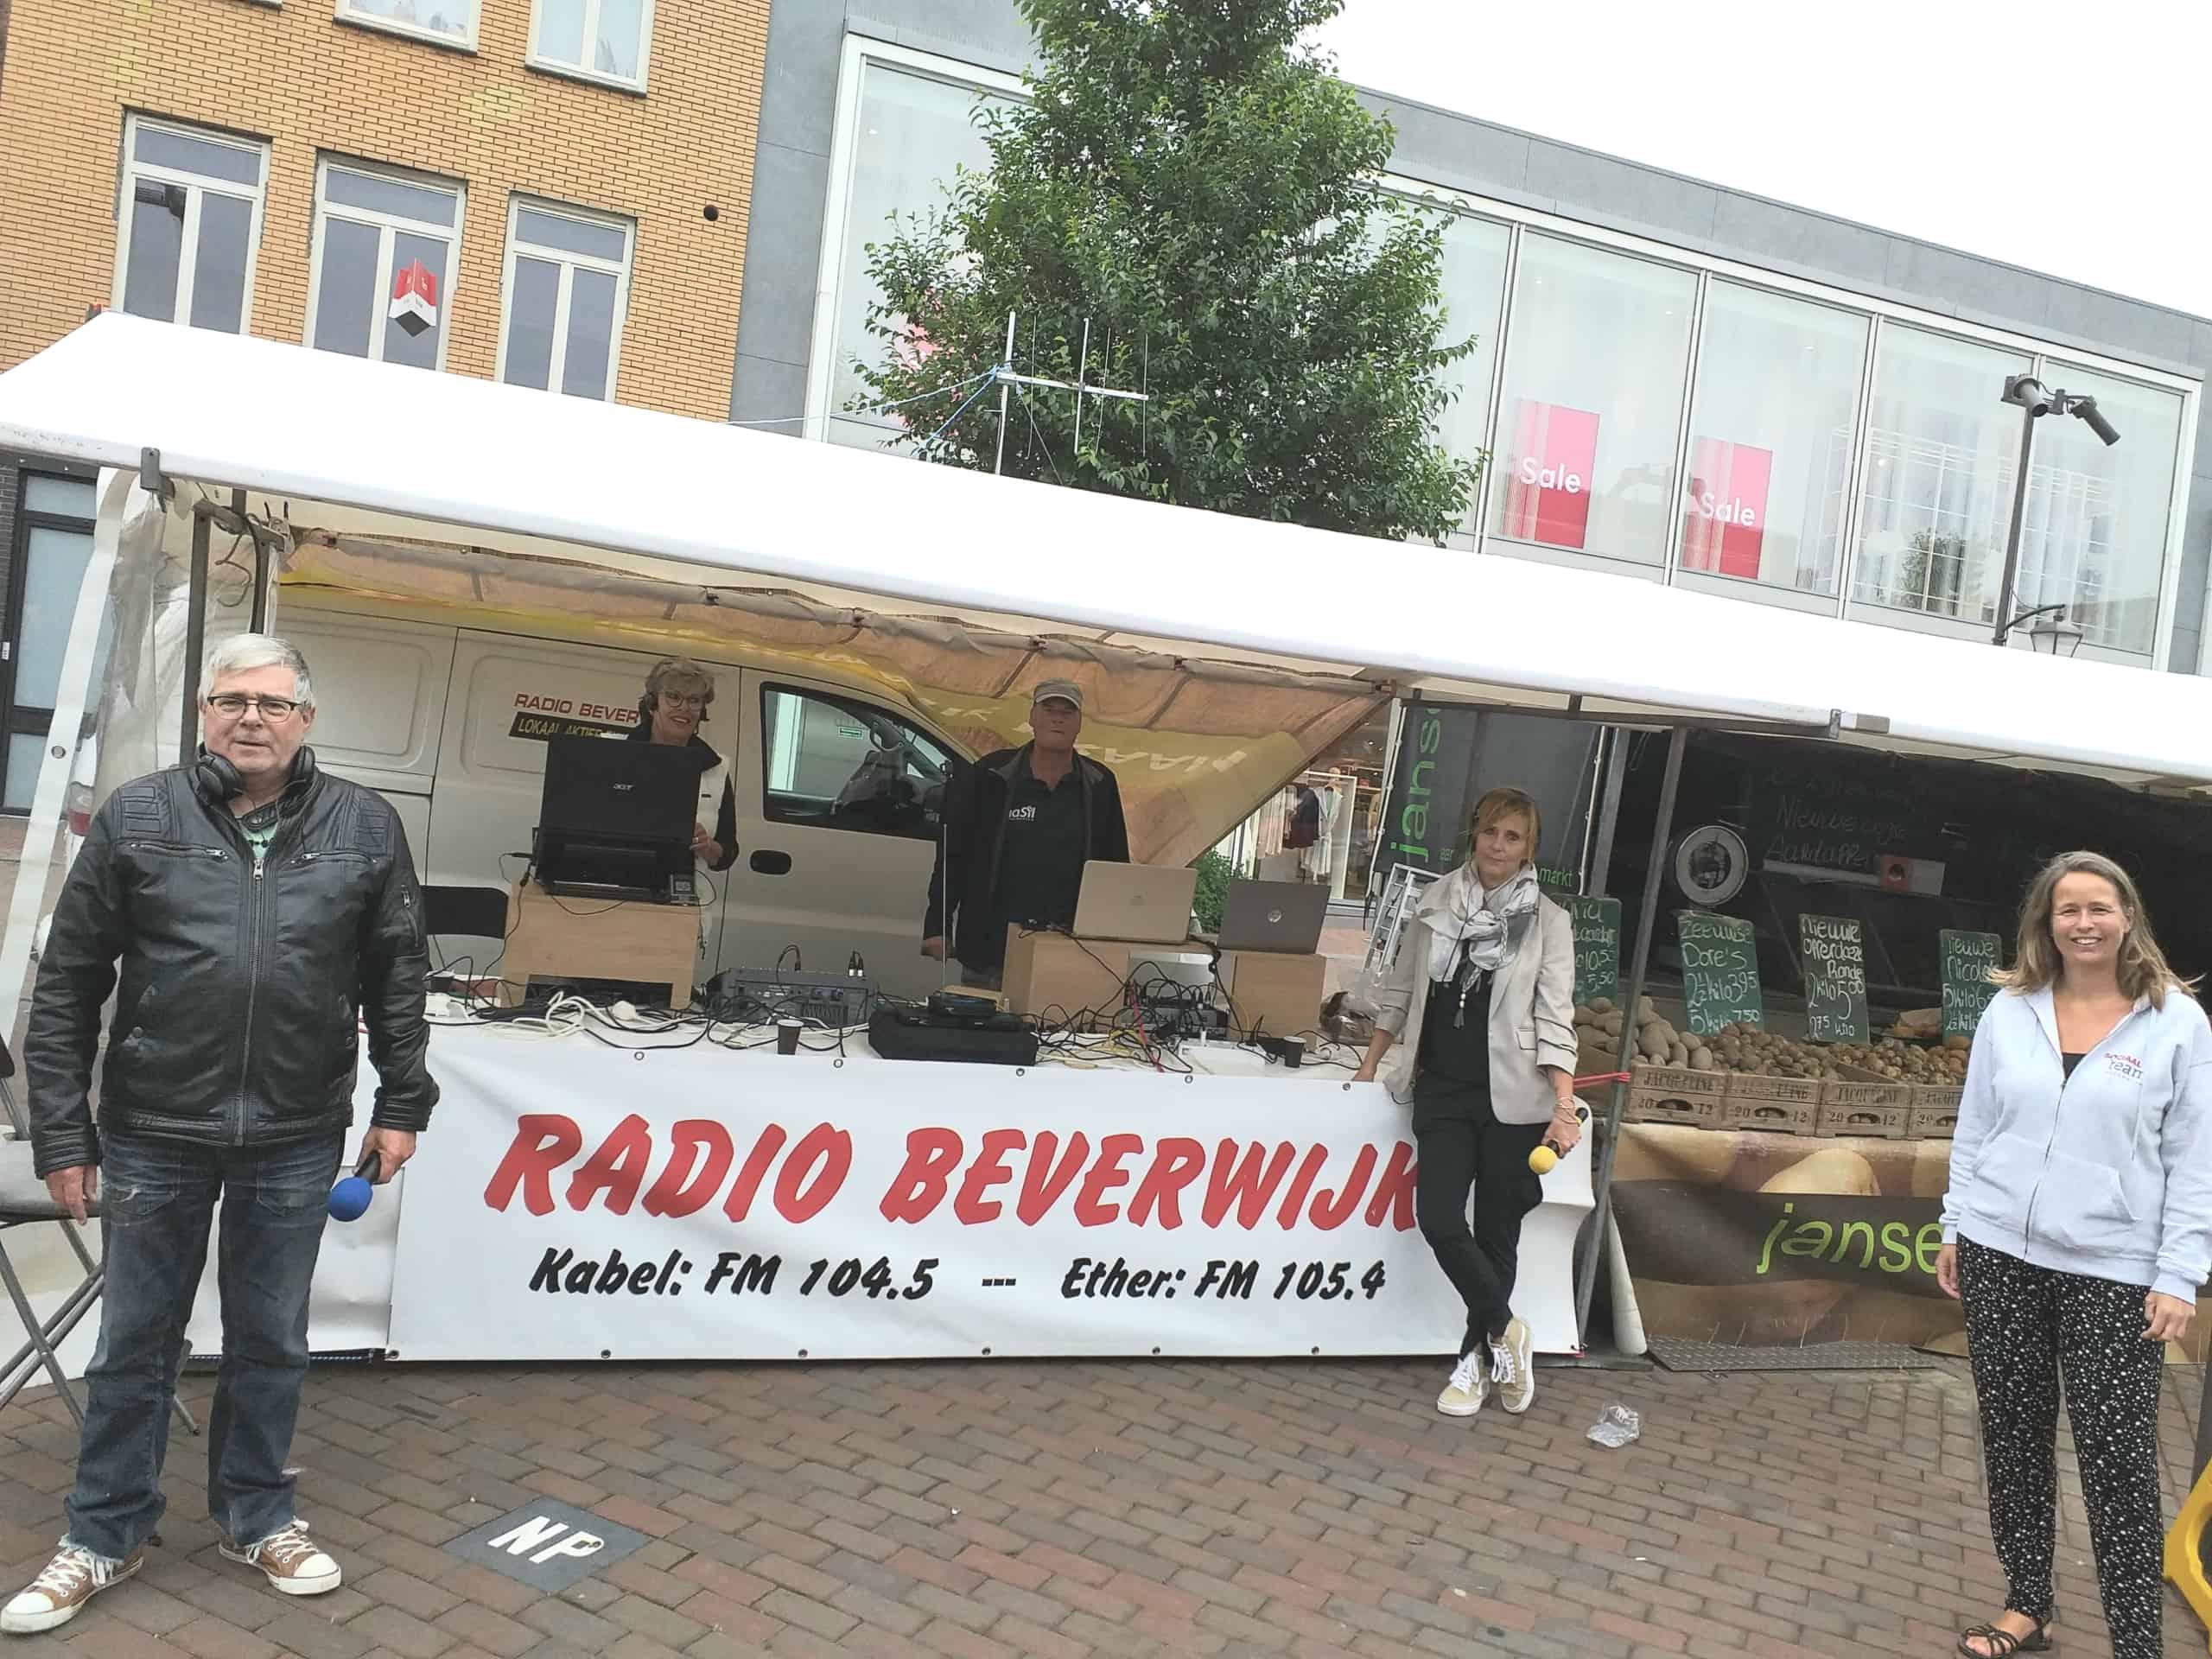 Sociaal team te gast bij Radio Beverwijk